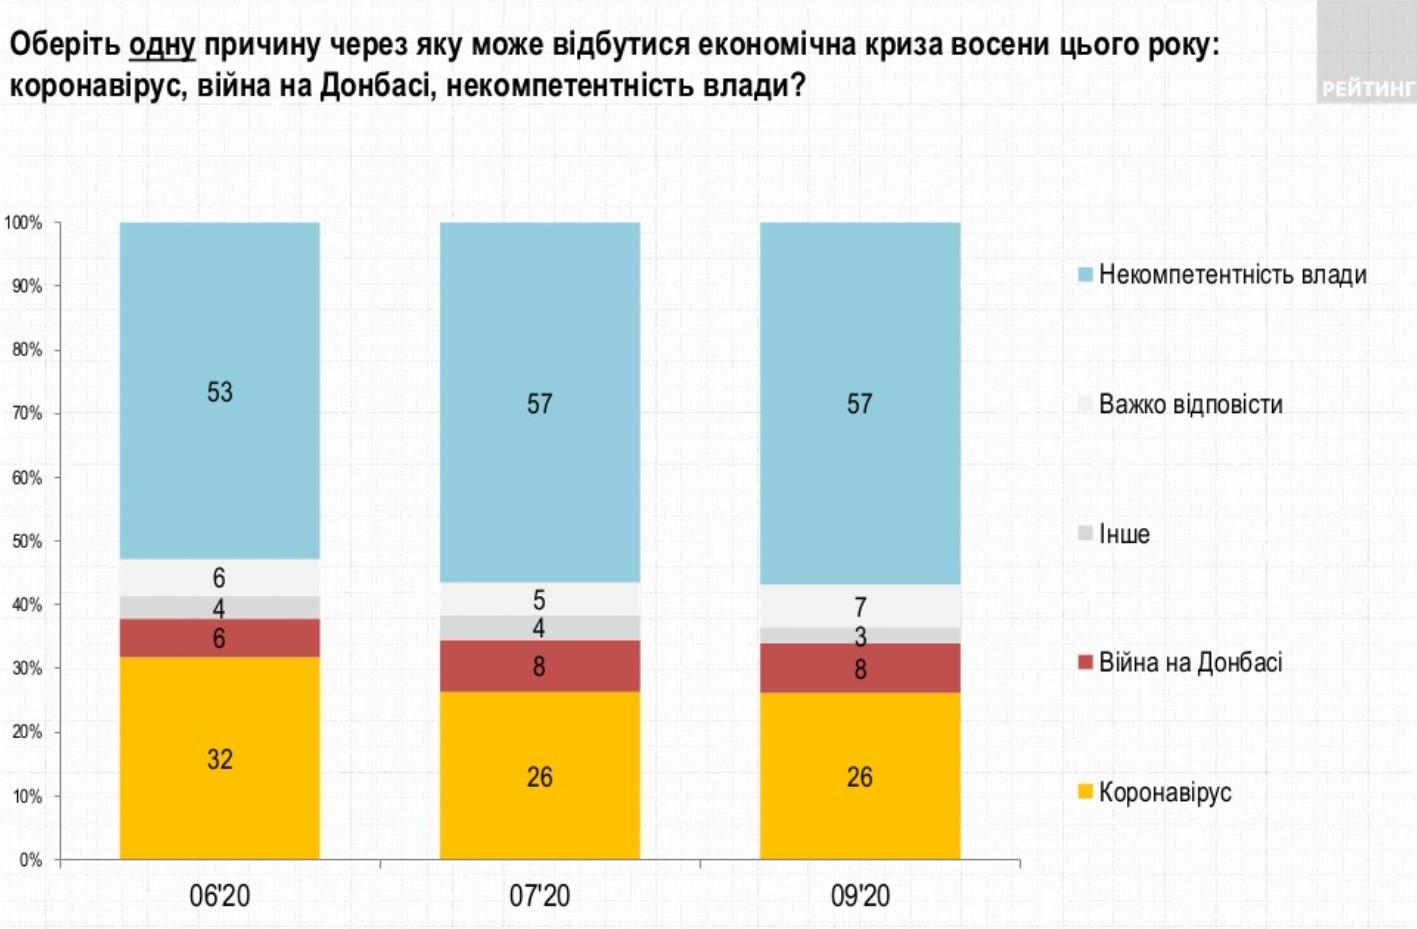 Украинцы жалуются на ситуацию в экономике. Виноватой считают власть – Рейтинг